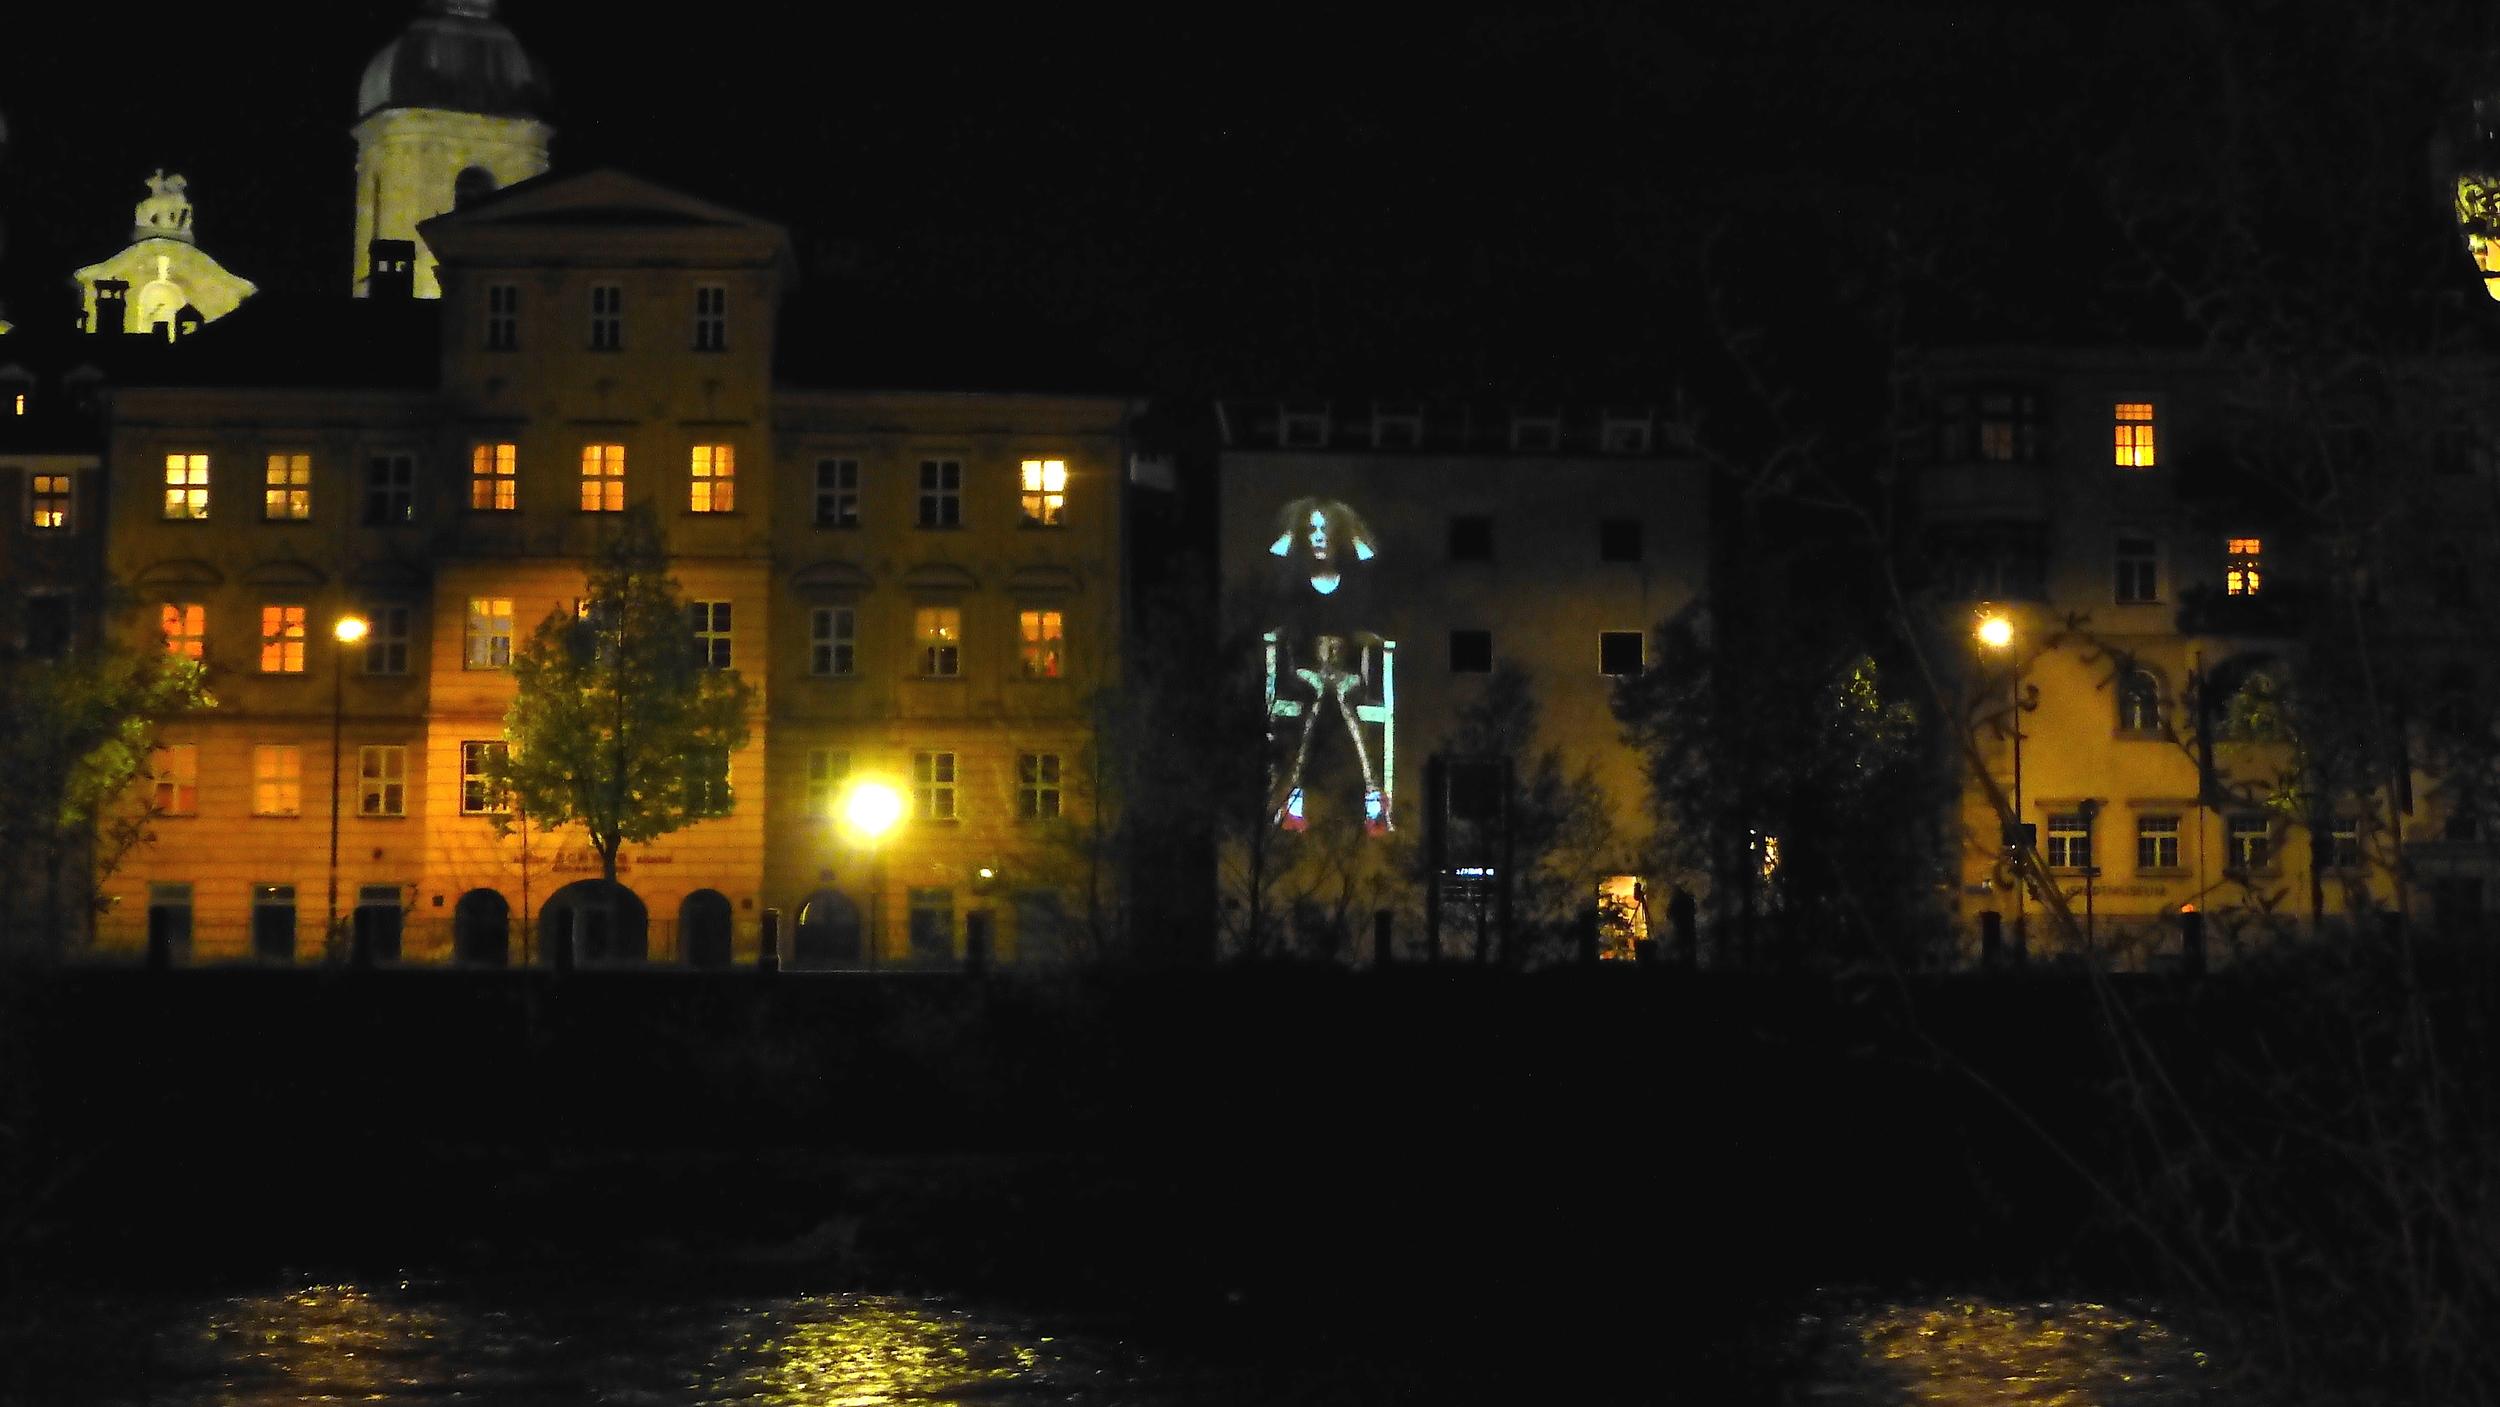 2014 - Video Installation In Public Art - Quadrulpa - Innsbruck